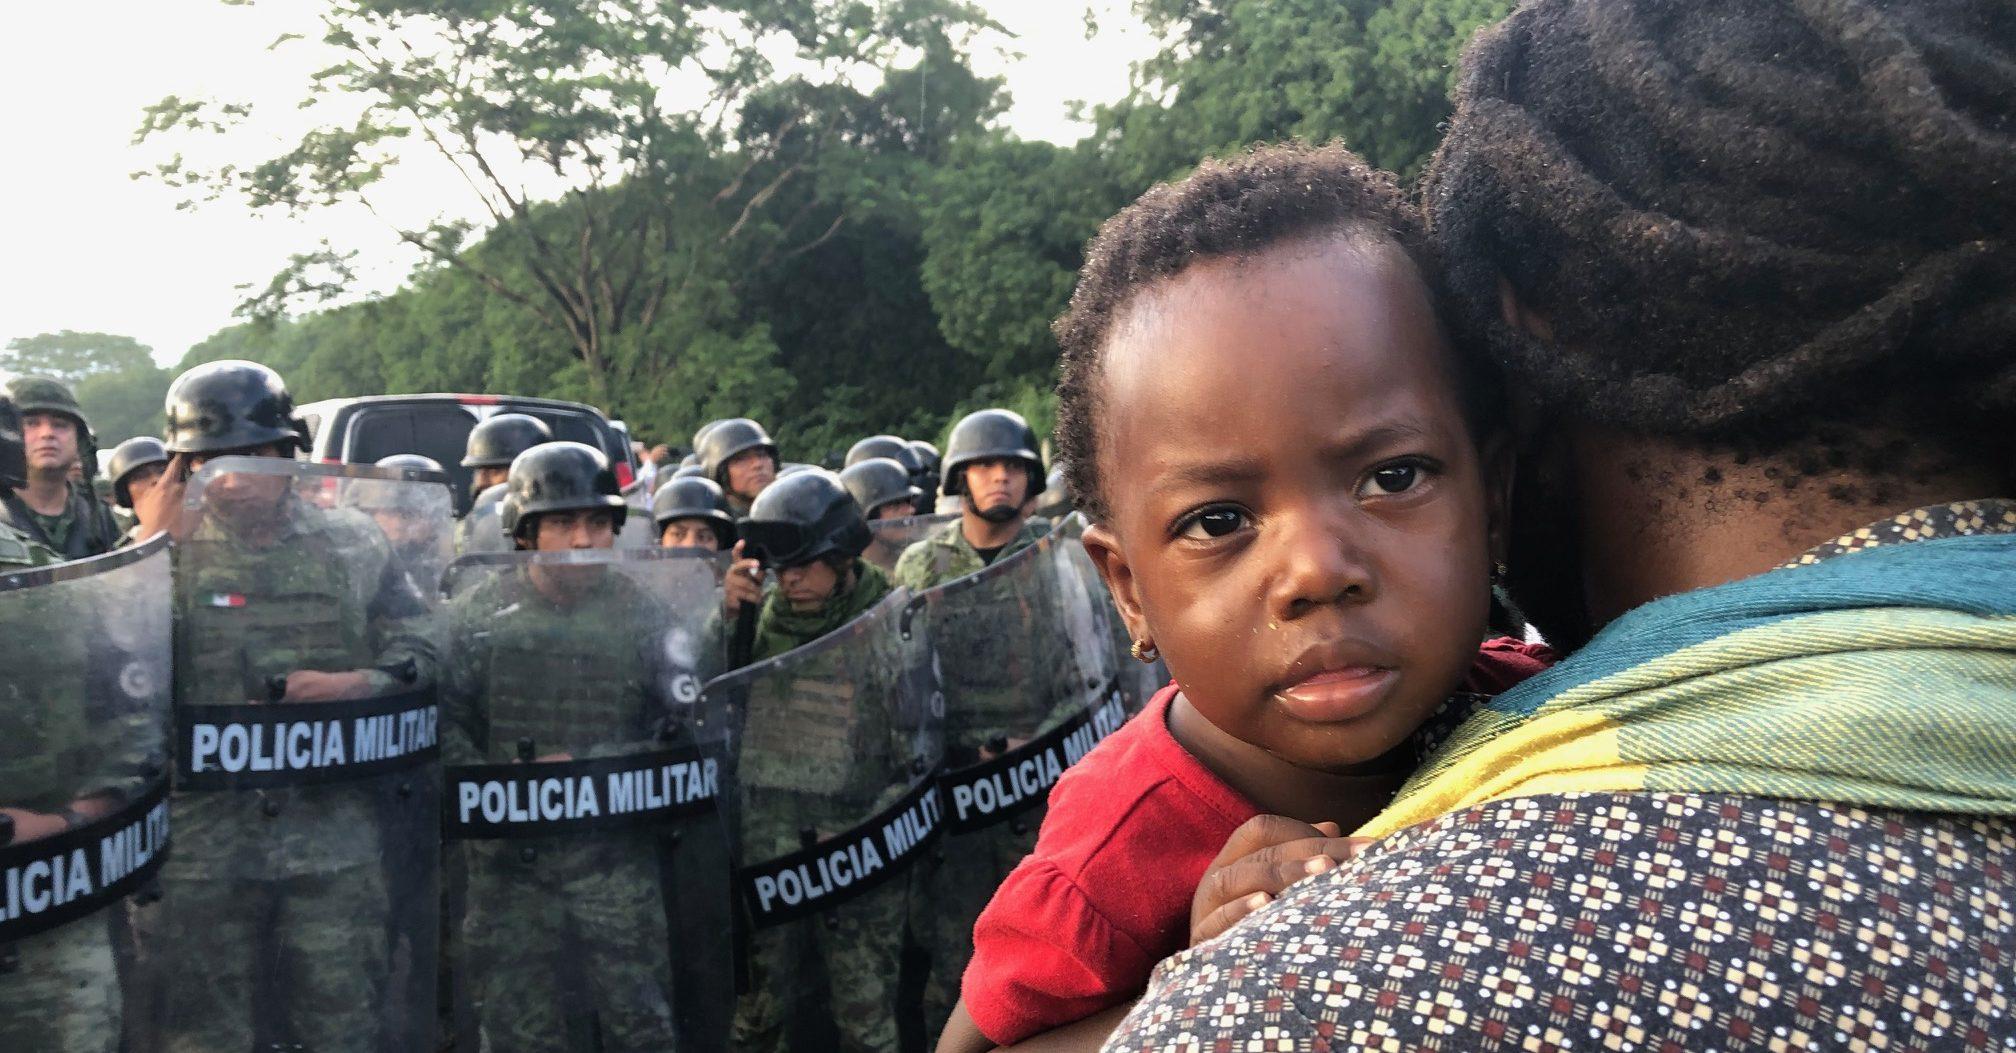 IMAGEN DEL DÍA   Guardia Nacional bloquea caravana de migrantes africanos en Chiapas